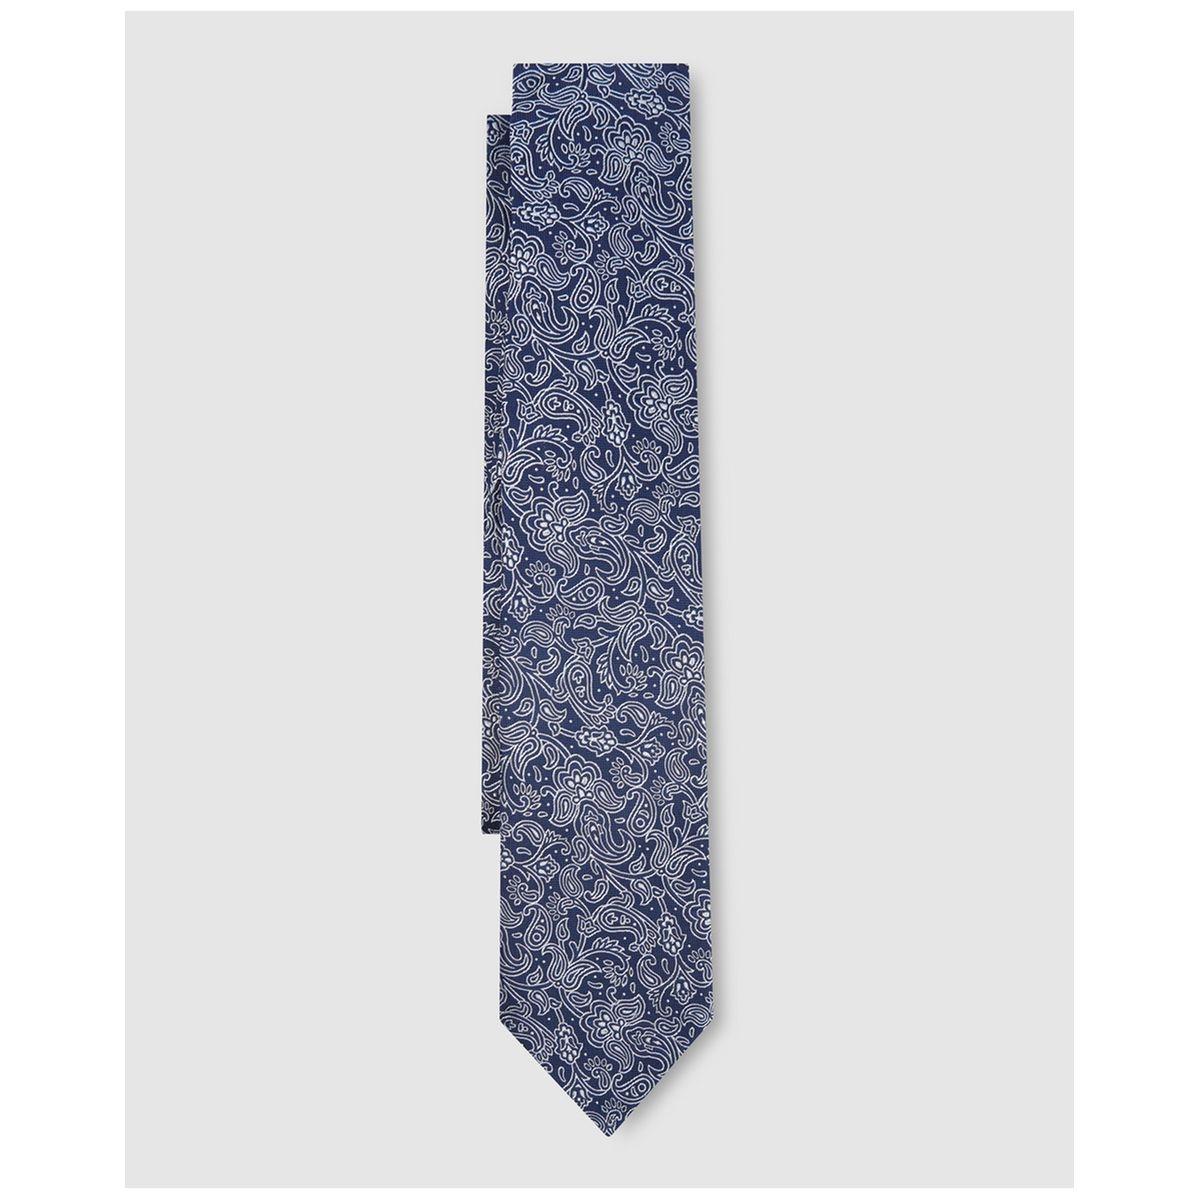 Cravate en soie à microimprimé cachemire /